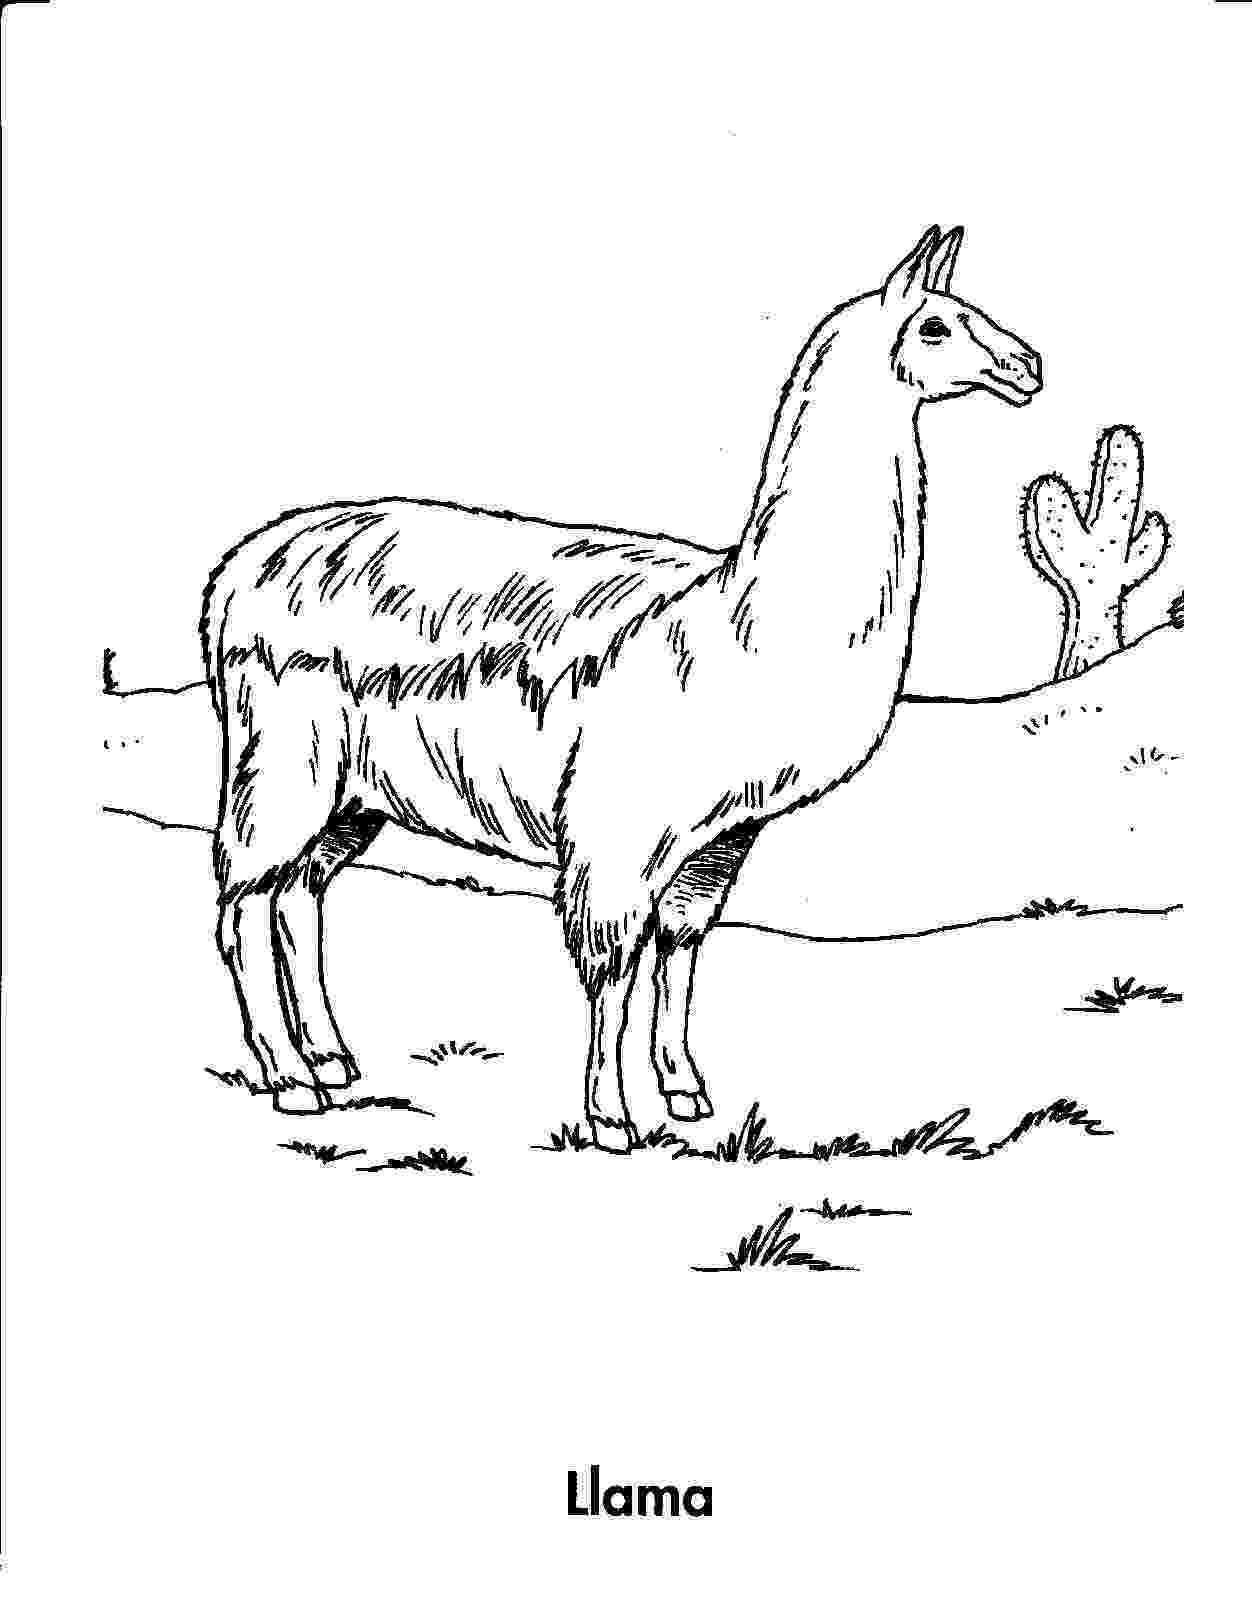 llama coloring pages 10 cute free printable llama coloring pages online pages llama coloring